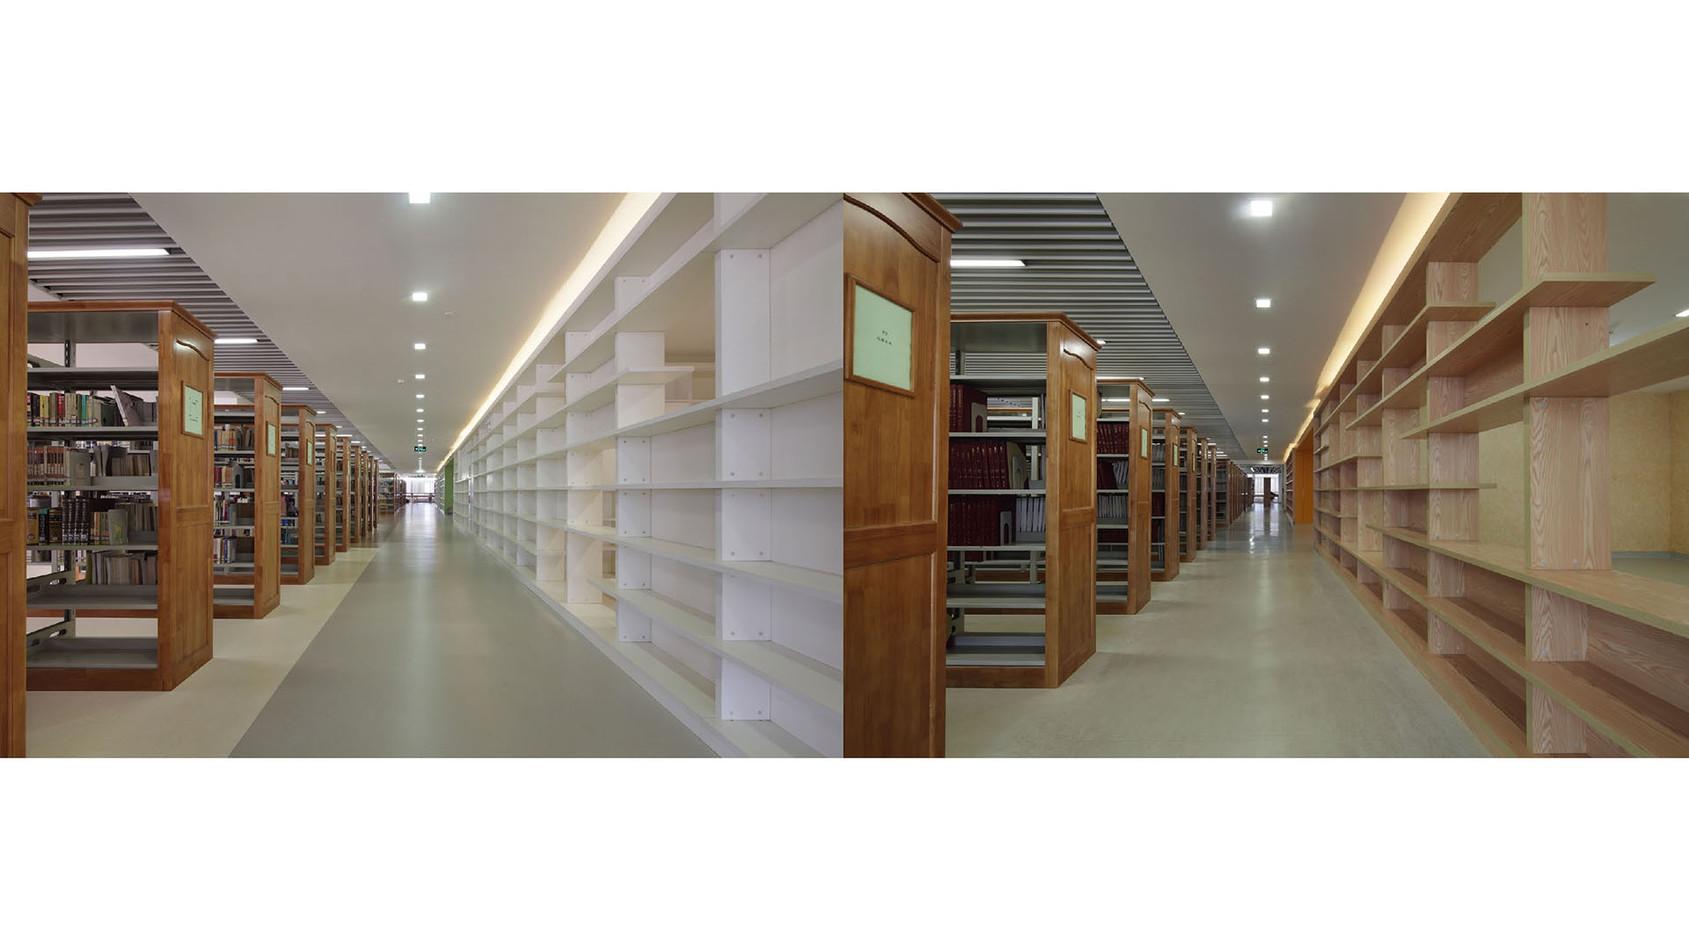 LIBRARY-FOR-KUNMING-UNIVERSITY-EN 17.jpg